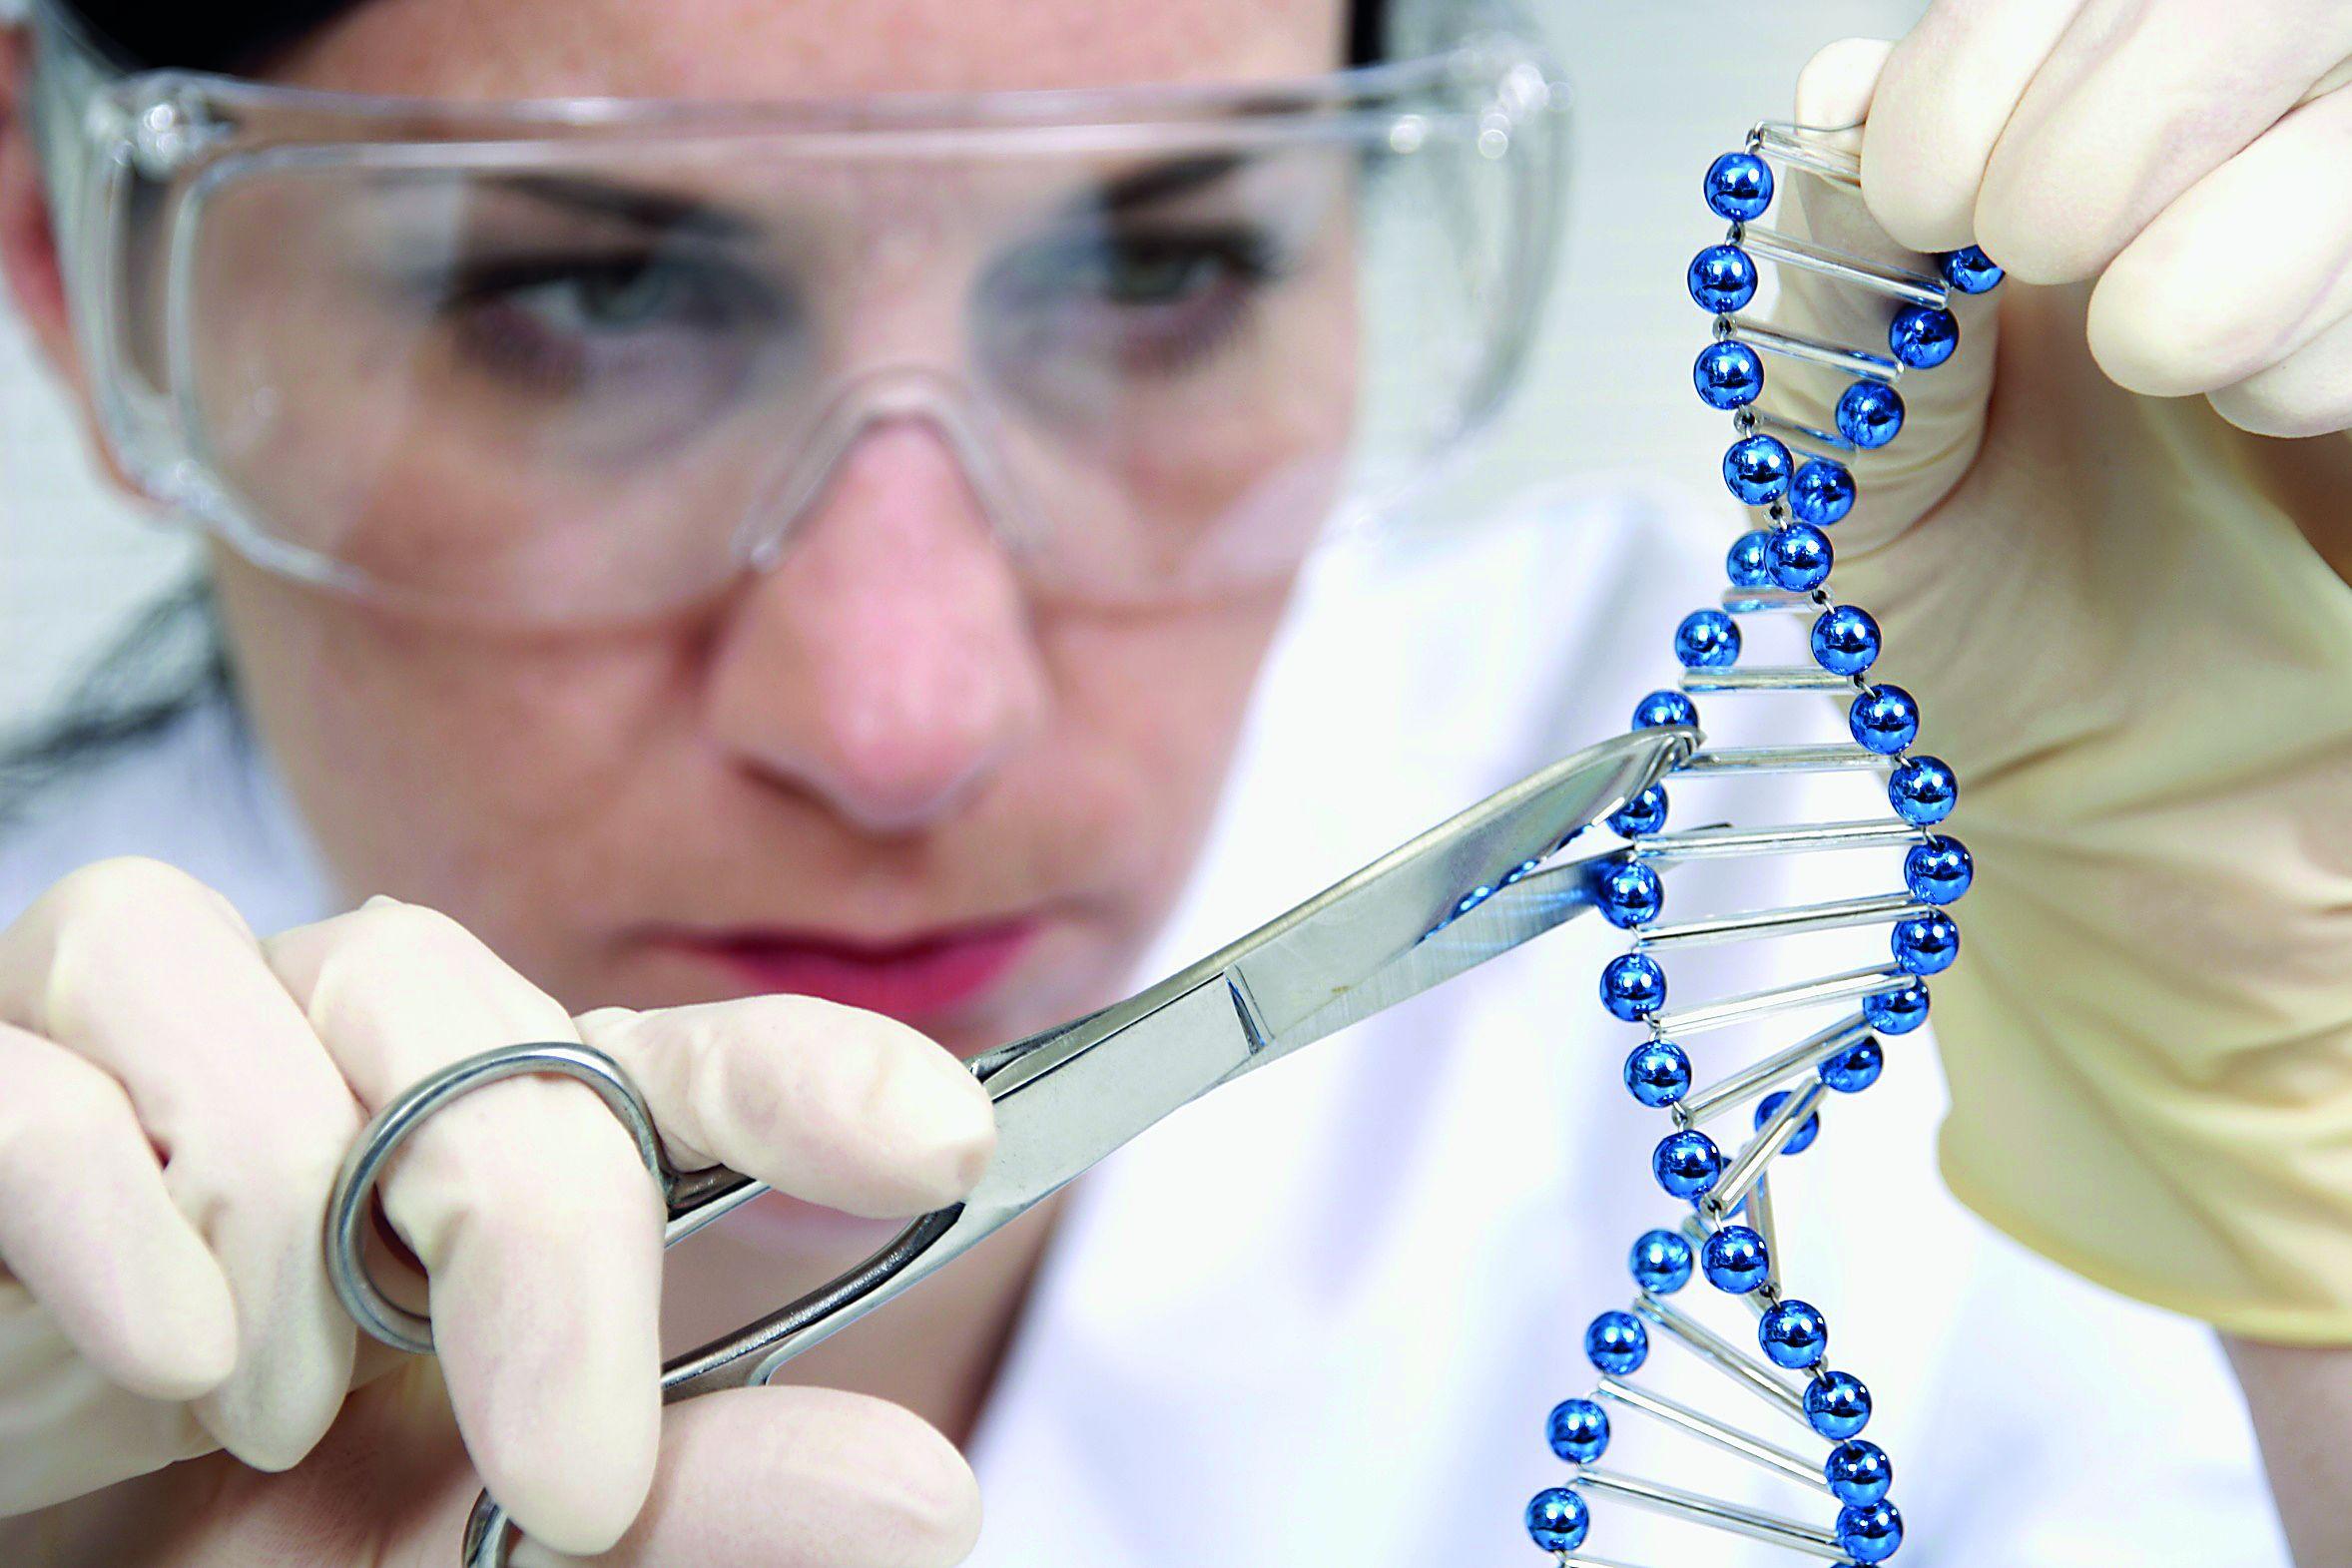 Новейшая технология редактирования ДНК человека